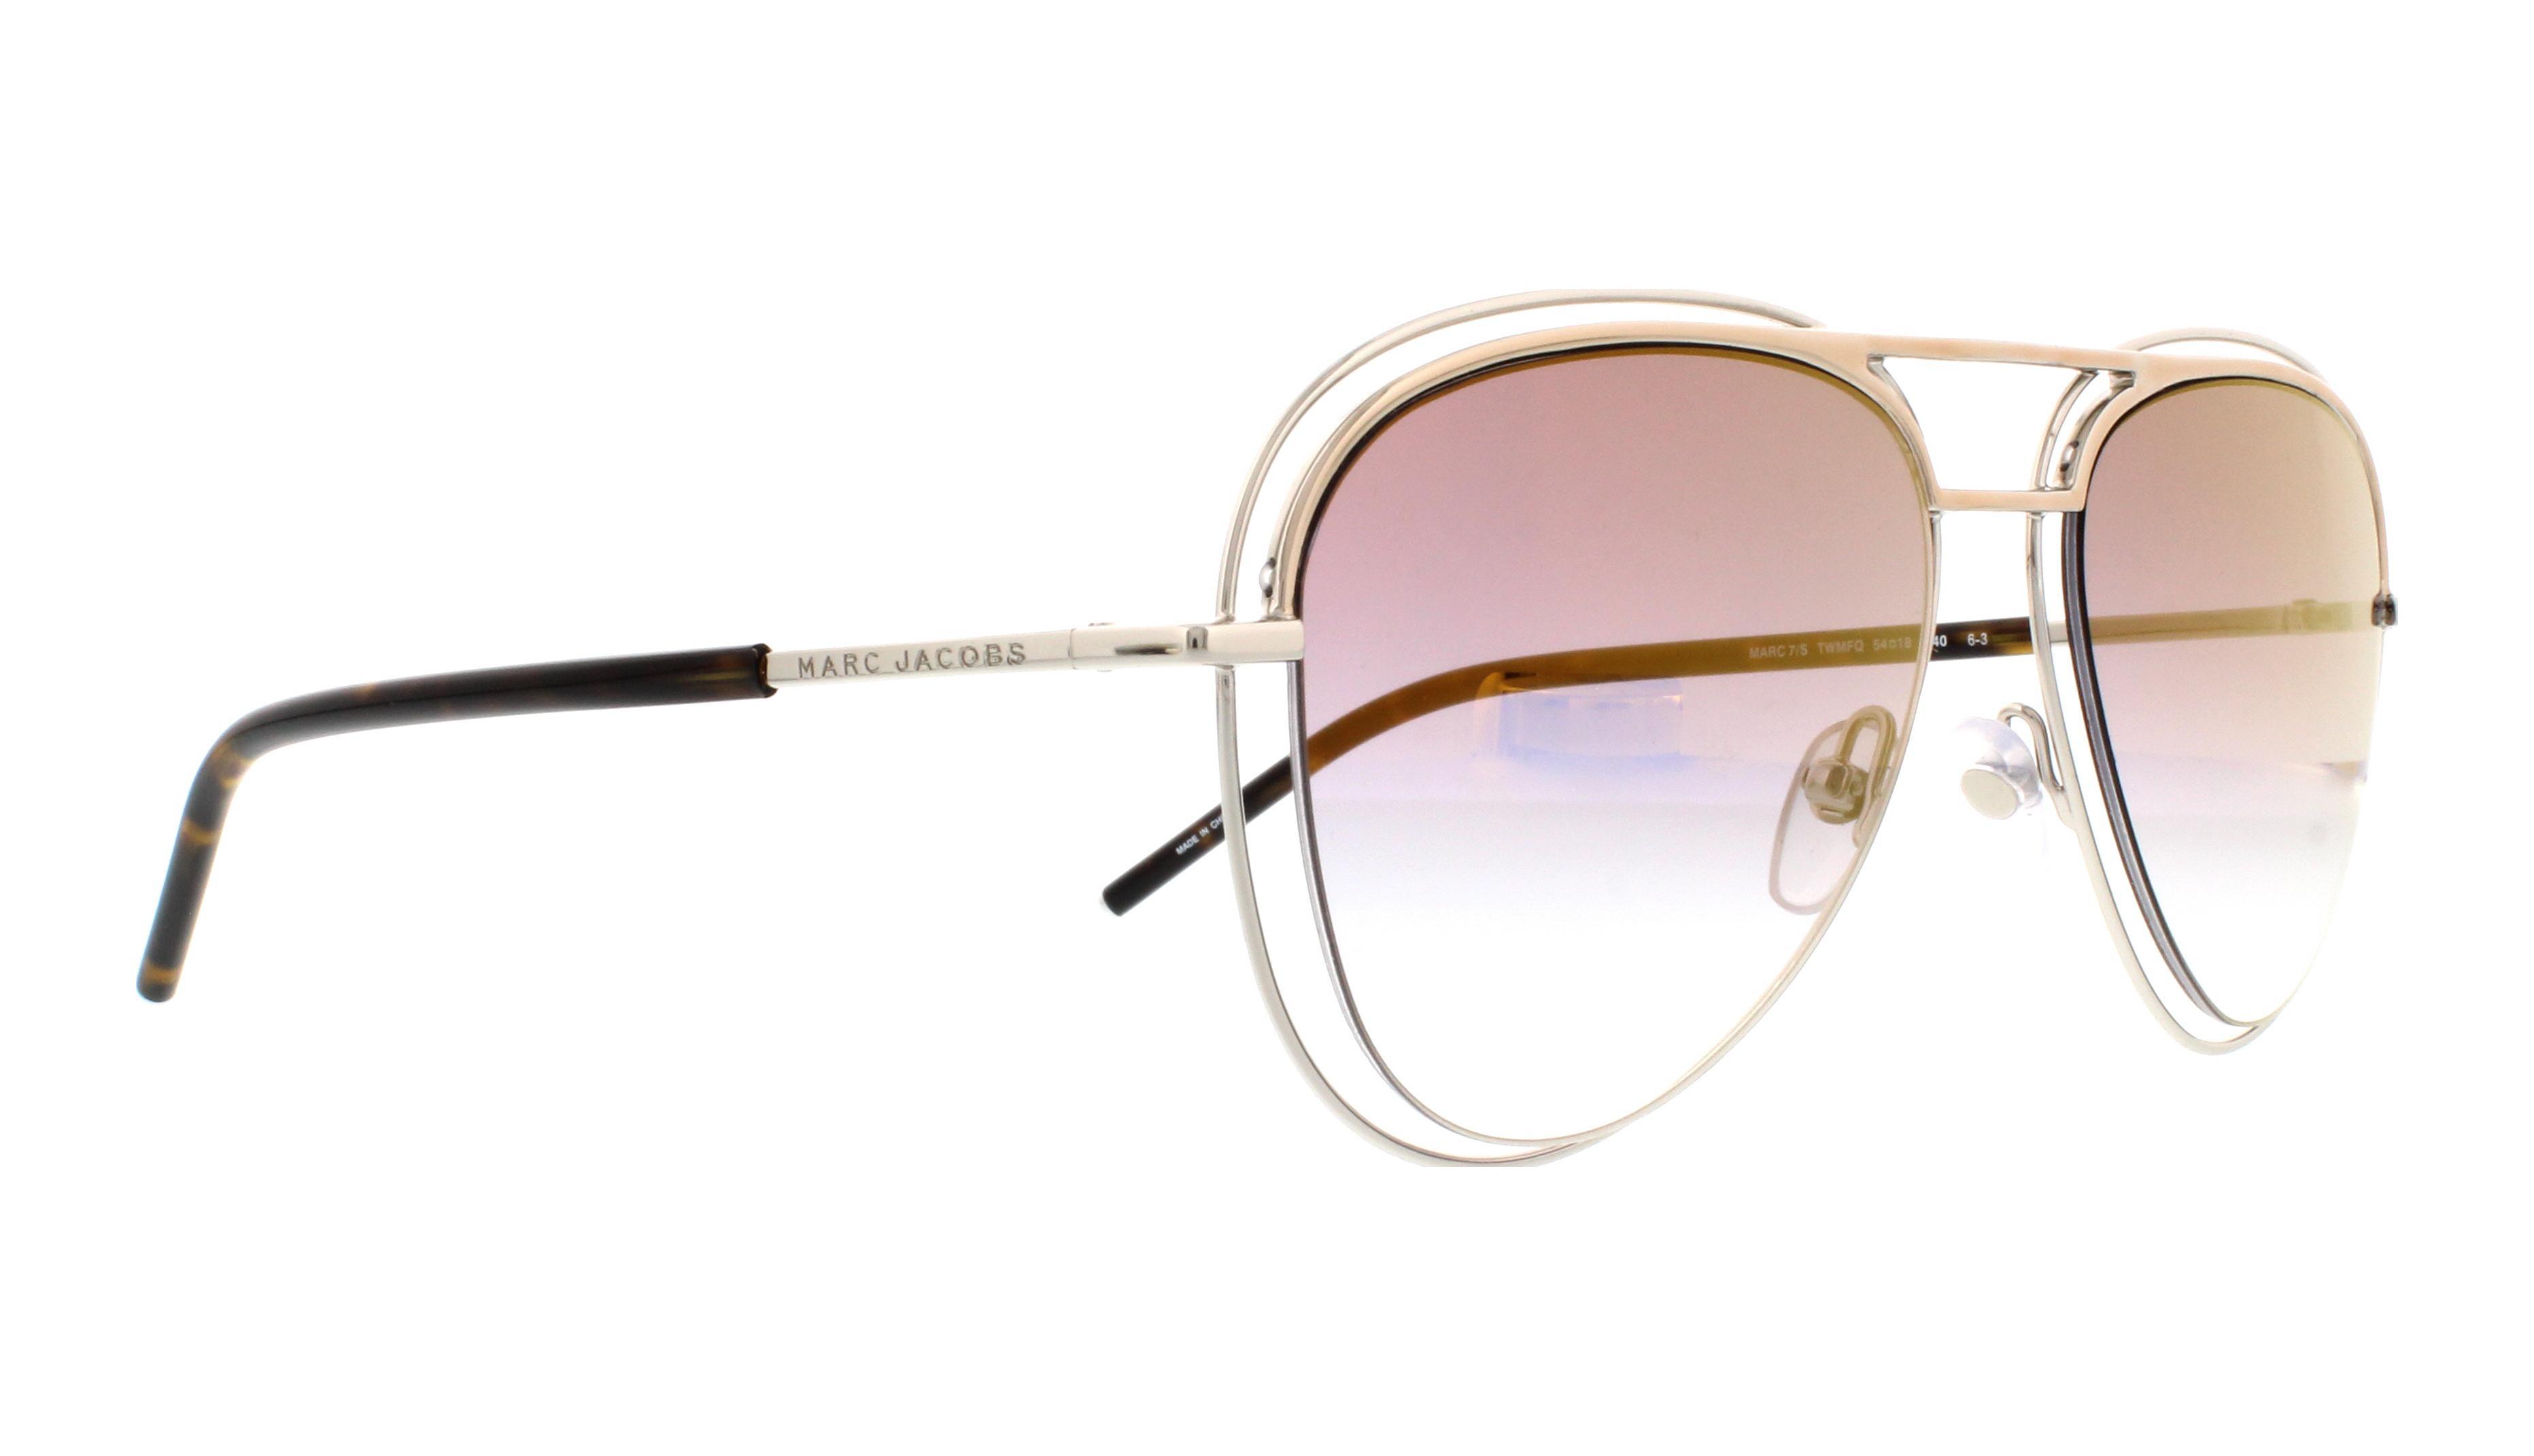 1ab1302749 Designer Frames Outlet. Marc Jacobs MARC 7 S